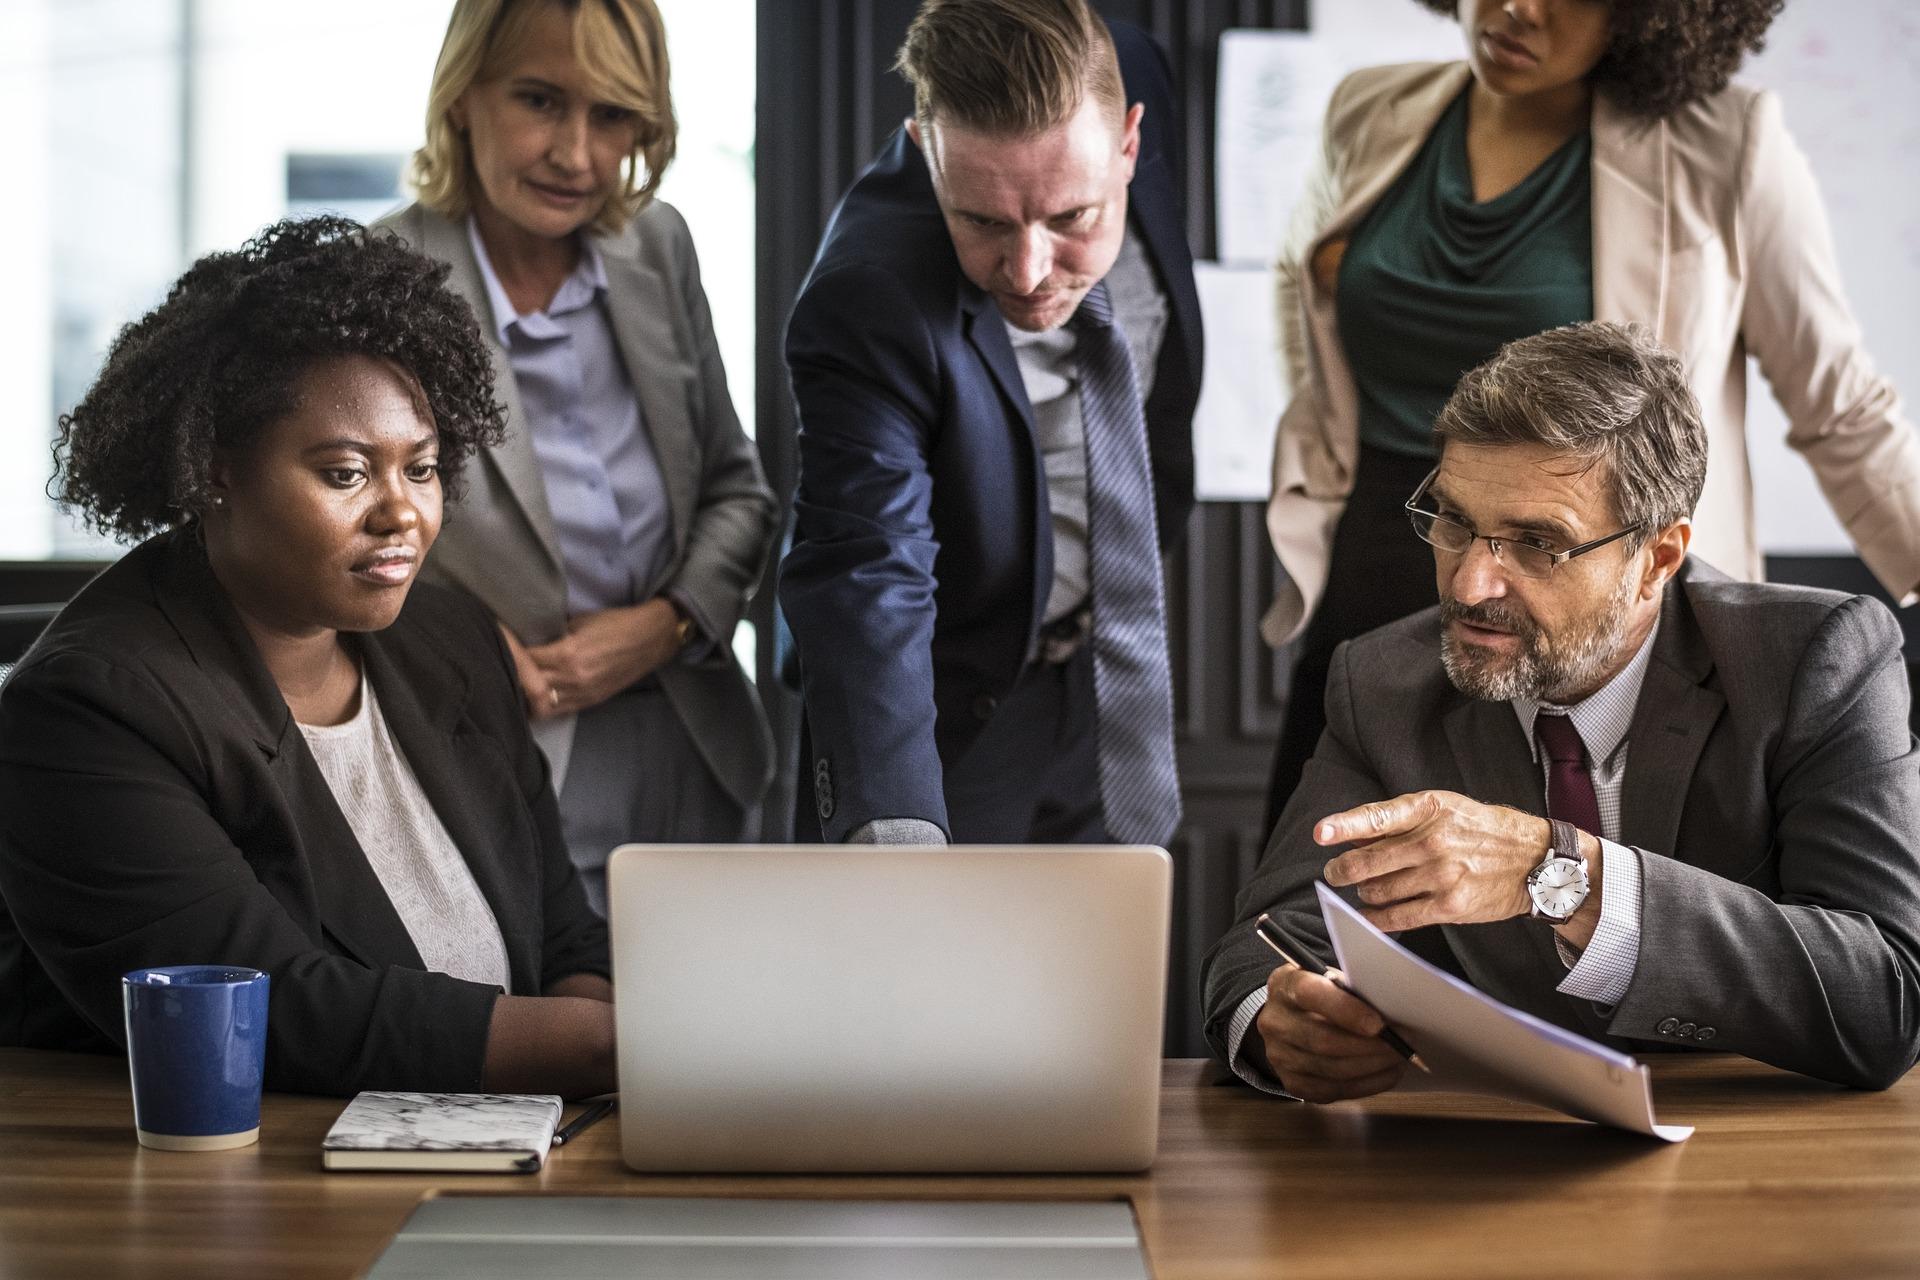 4 étapes pour prévenir les conflits au travail avec son chef ou ses collègues